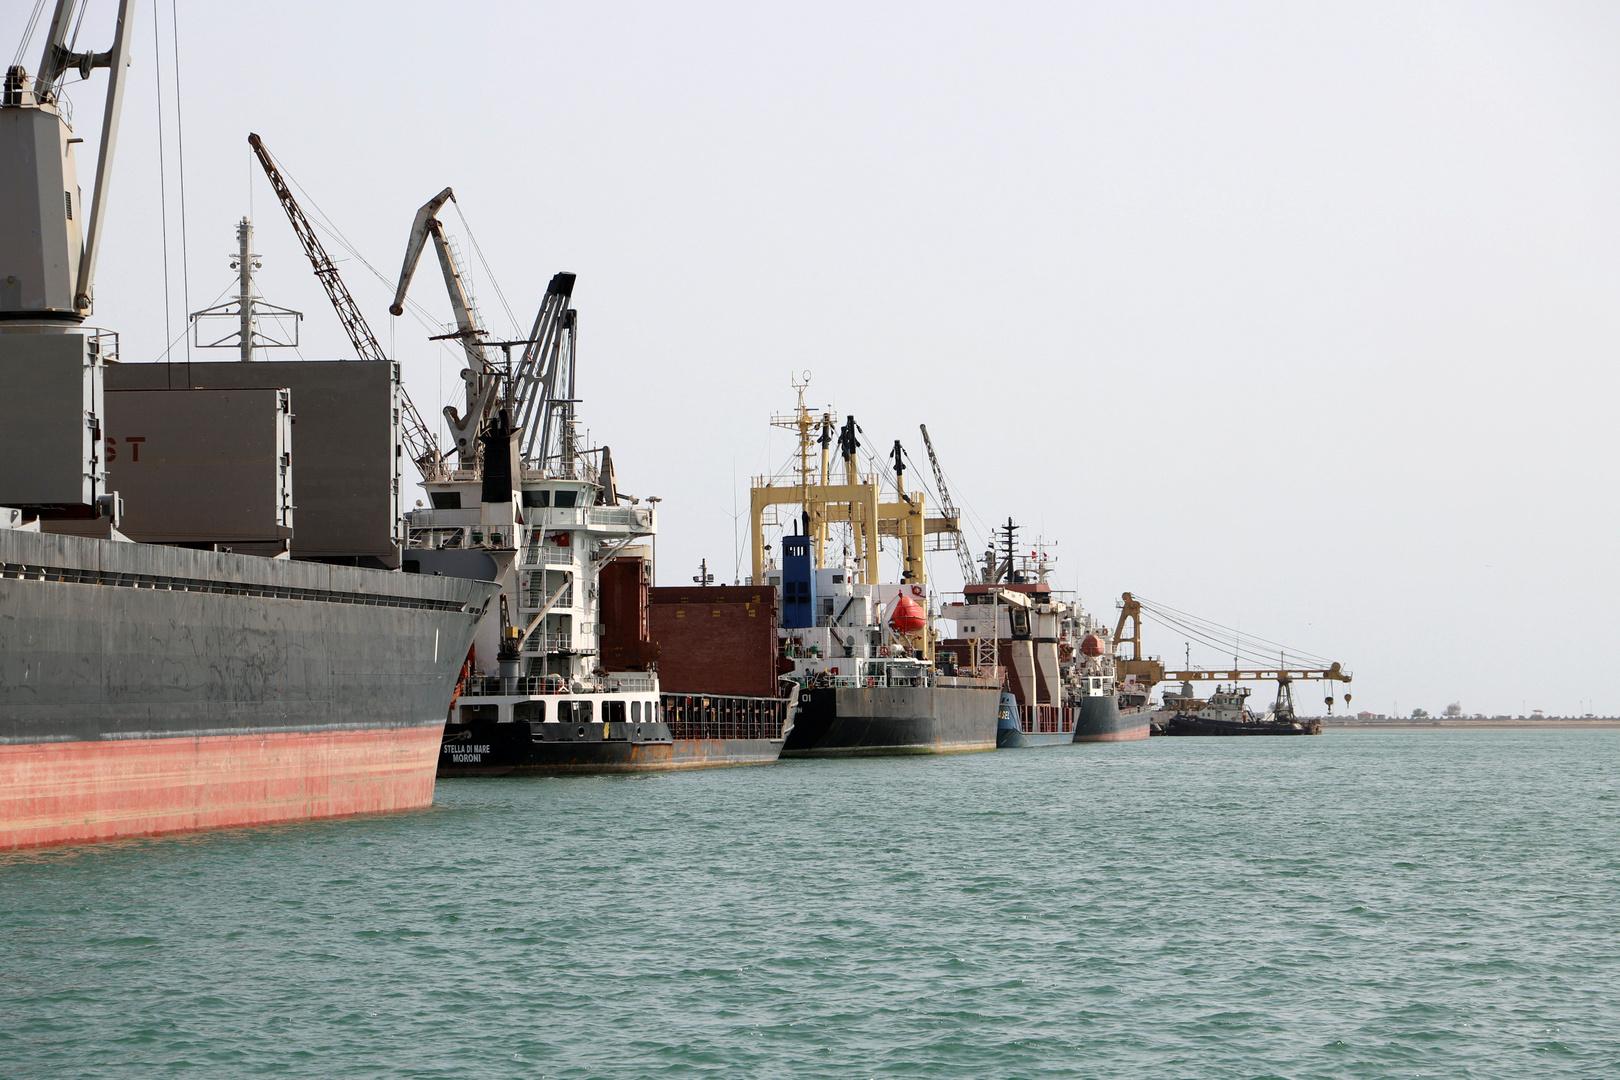 كوريا الجنوبية تؤكد احتجاز الحوثيين لسفينتين تابعتين لها ومواطنين كوريين